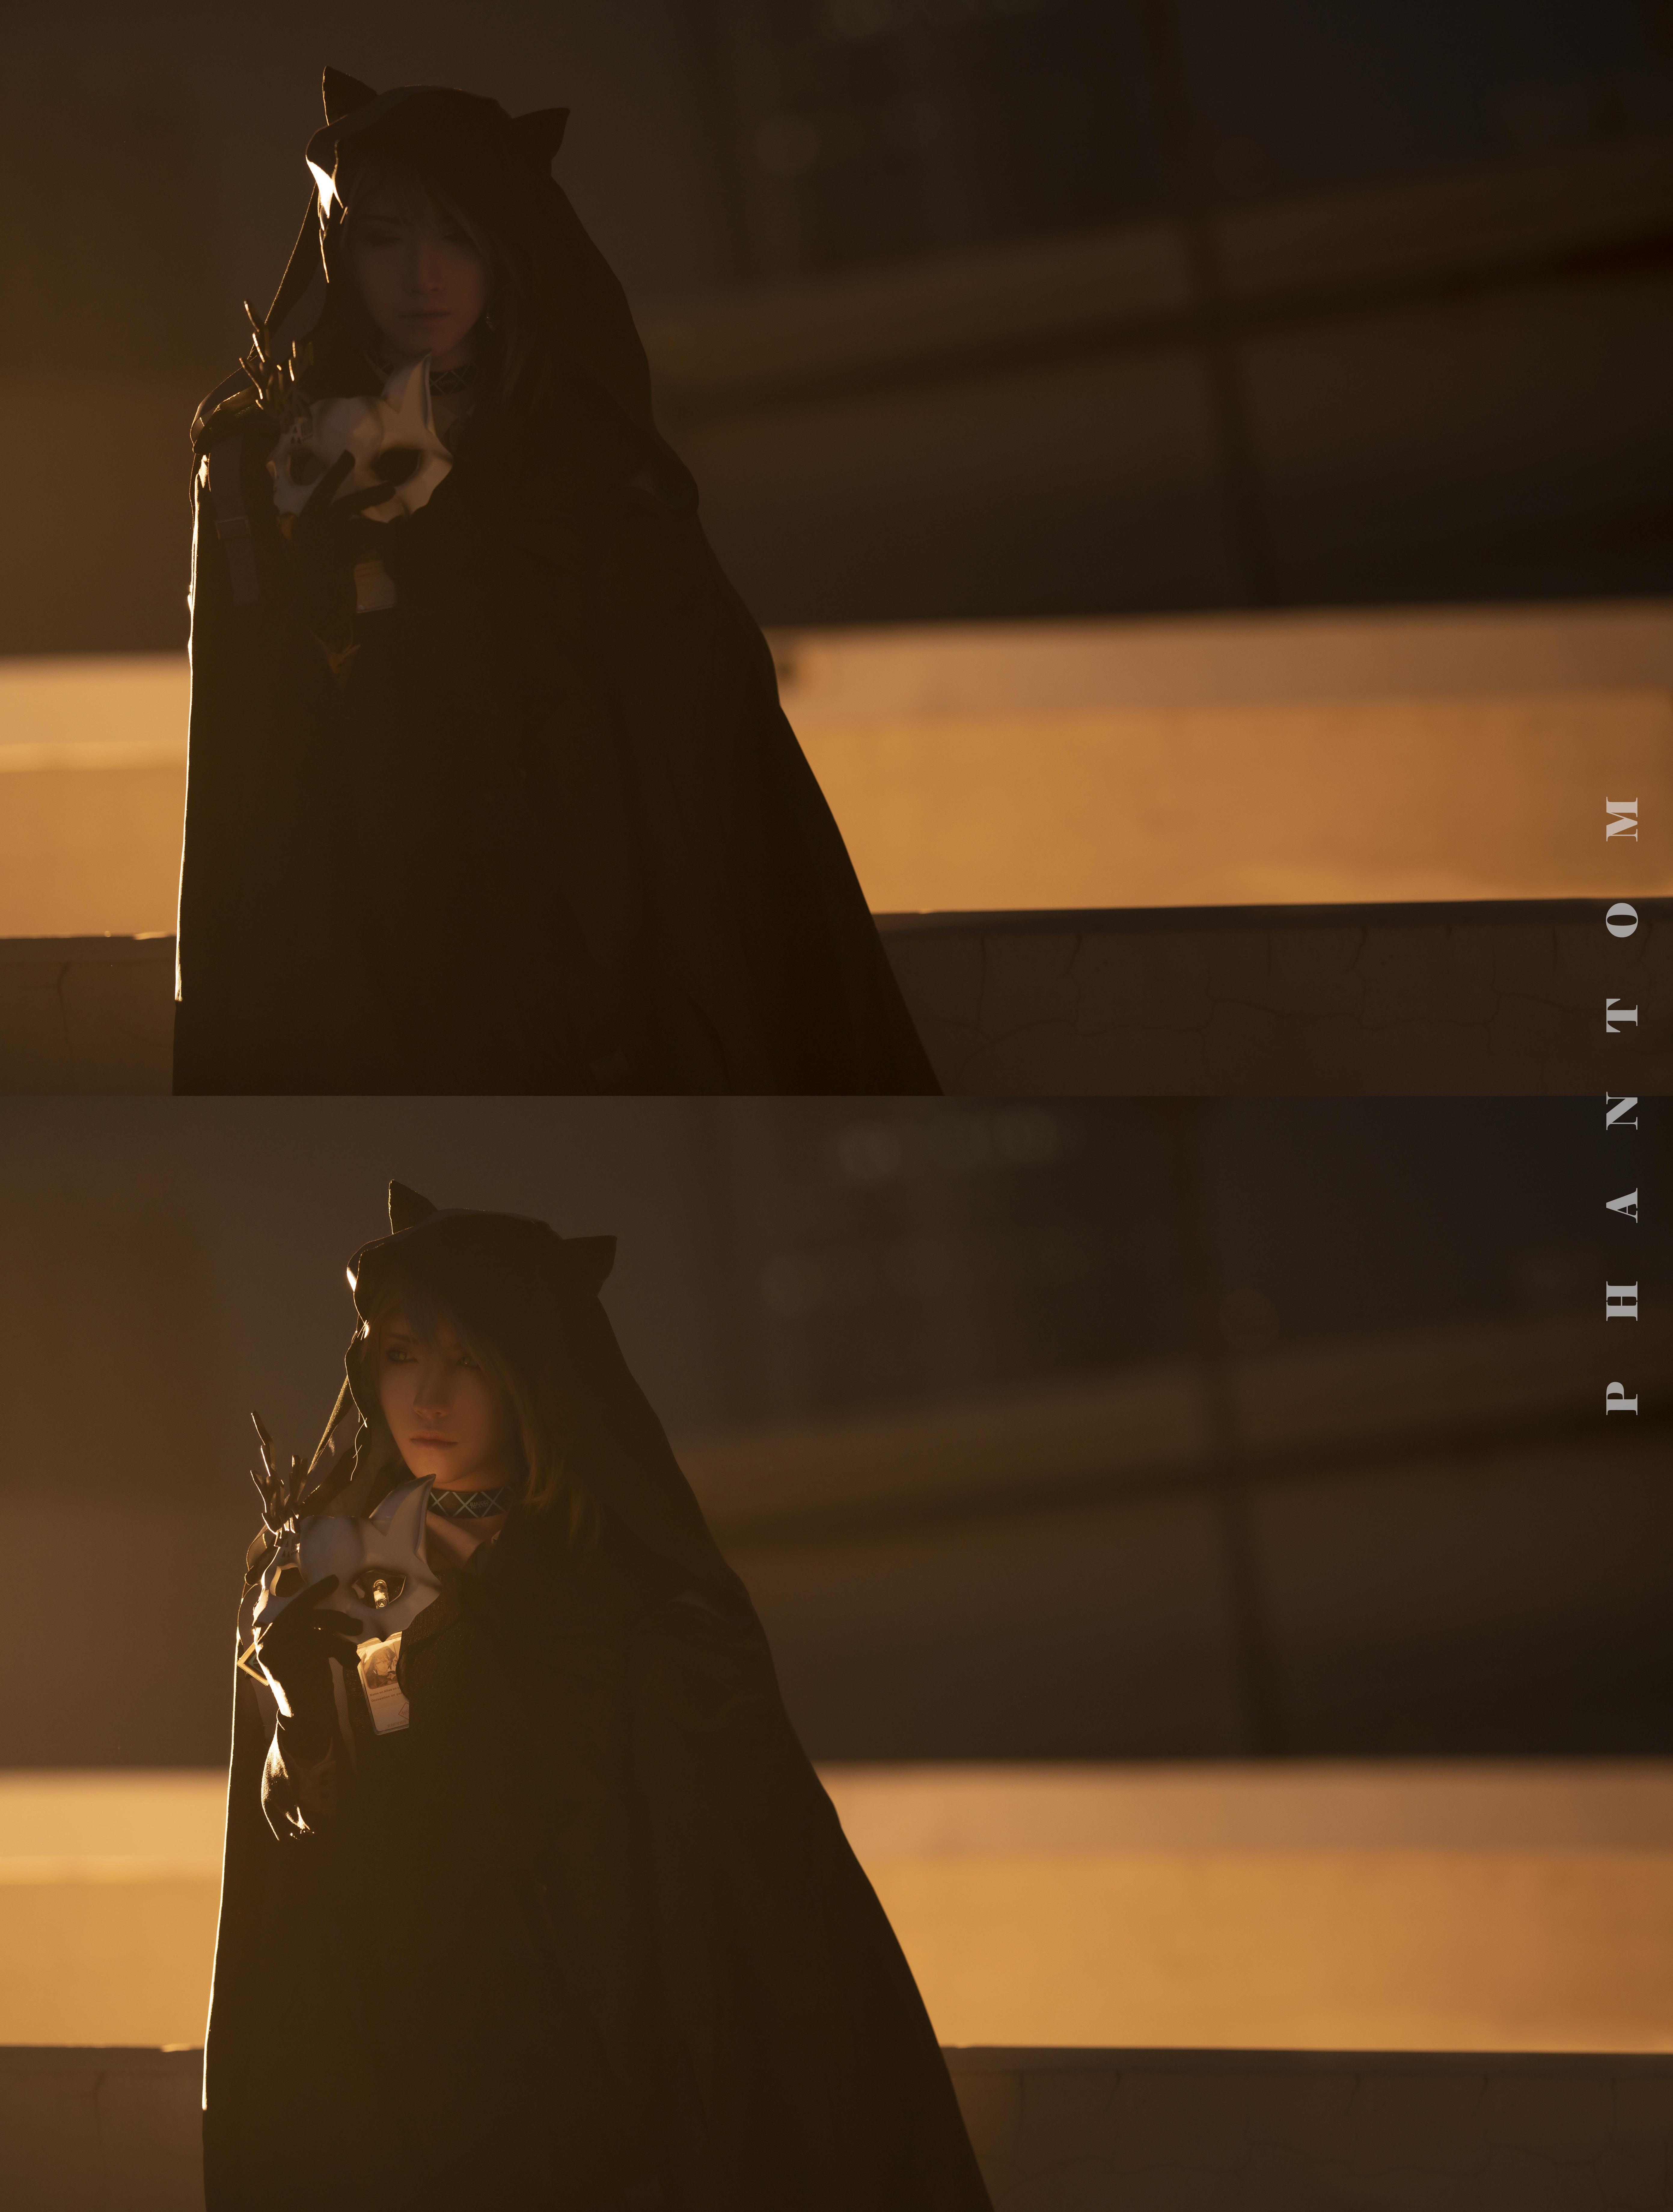 《明日方舟》正片cosplay【CN:斯诺_Yukina】-第19张